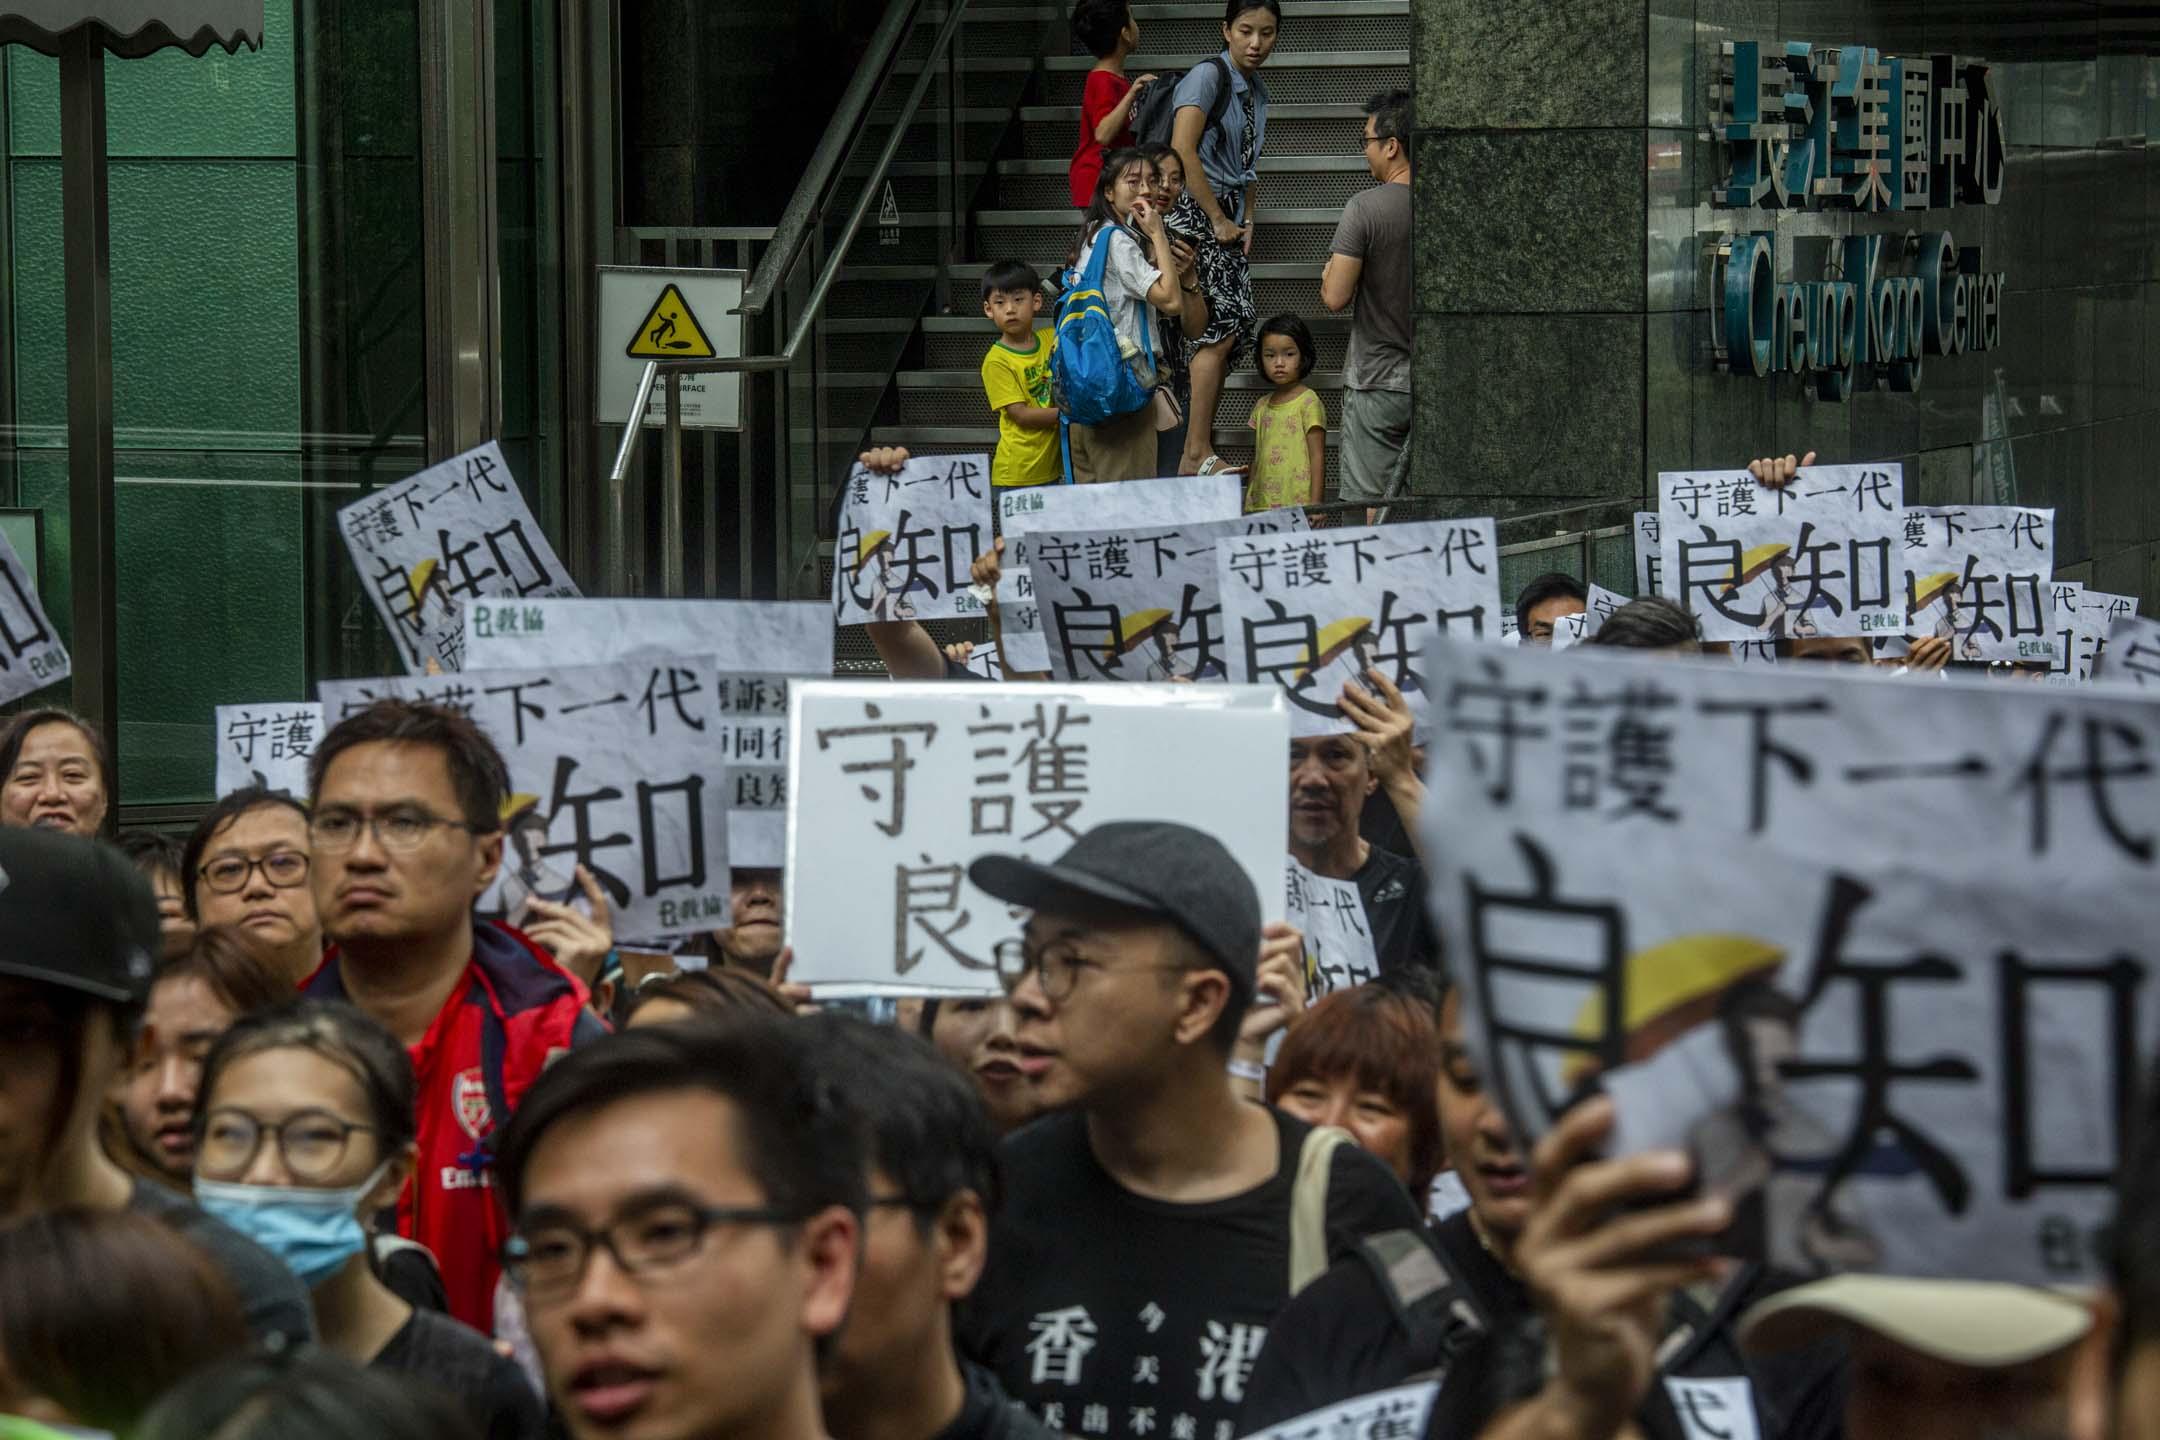 2019年8月17日,有教師發起「守護下一代,為良知發聲」的遊行,期間大雨滂沱,參加者身上貼上「我是香港教師」的貼紙,又手持「守護下一代 良知」、「憑老師守護」的標語。  攝:林振東/端傳媒